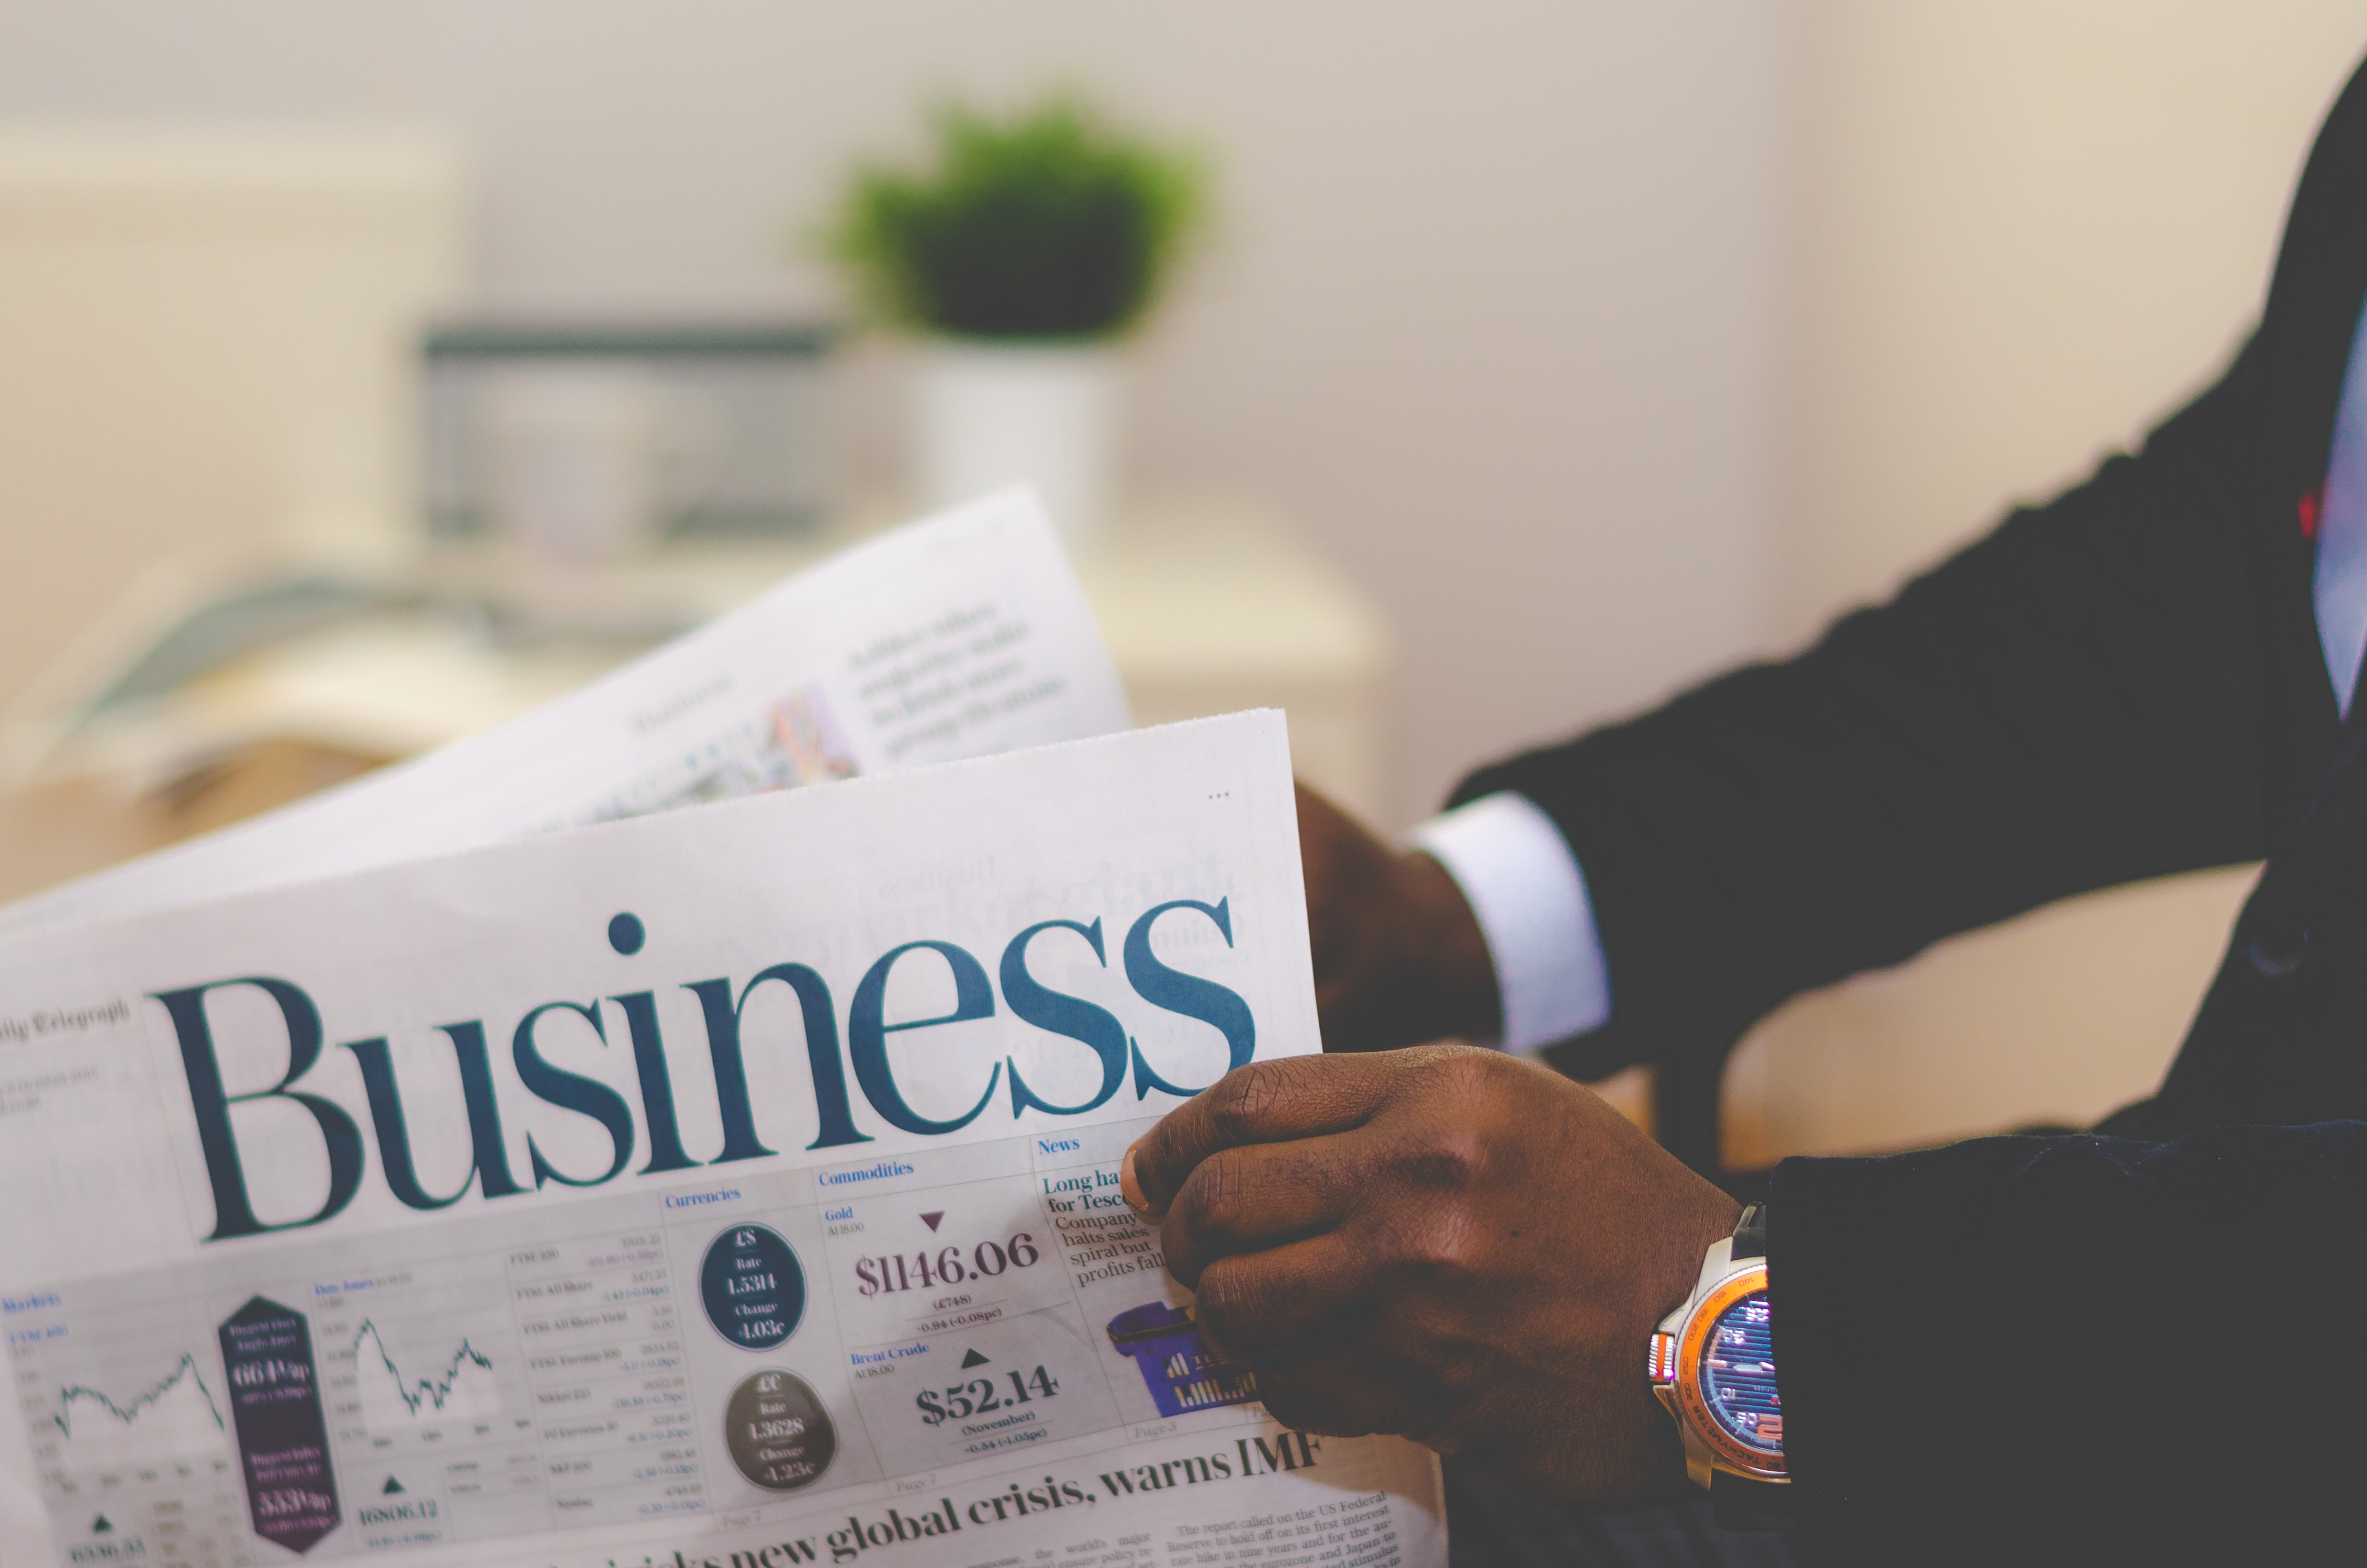 investisseur : concilier finance et harmonie